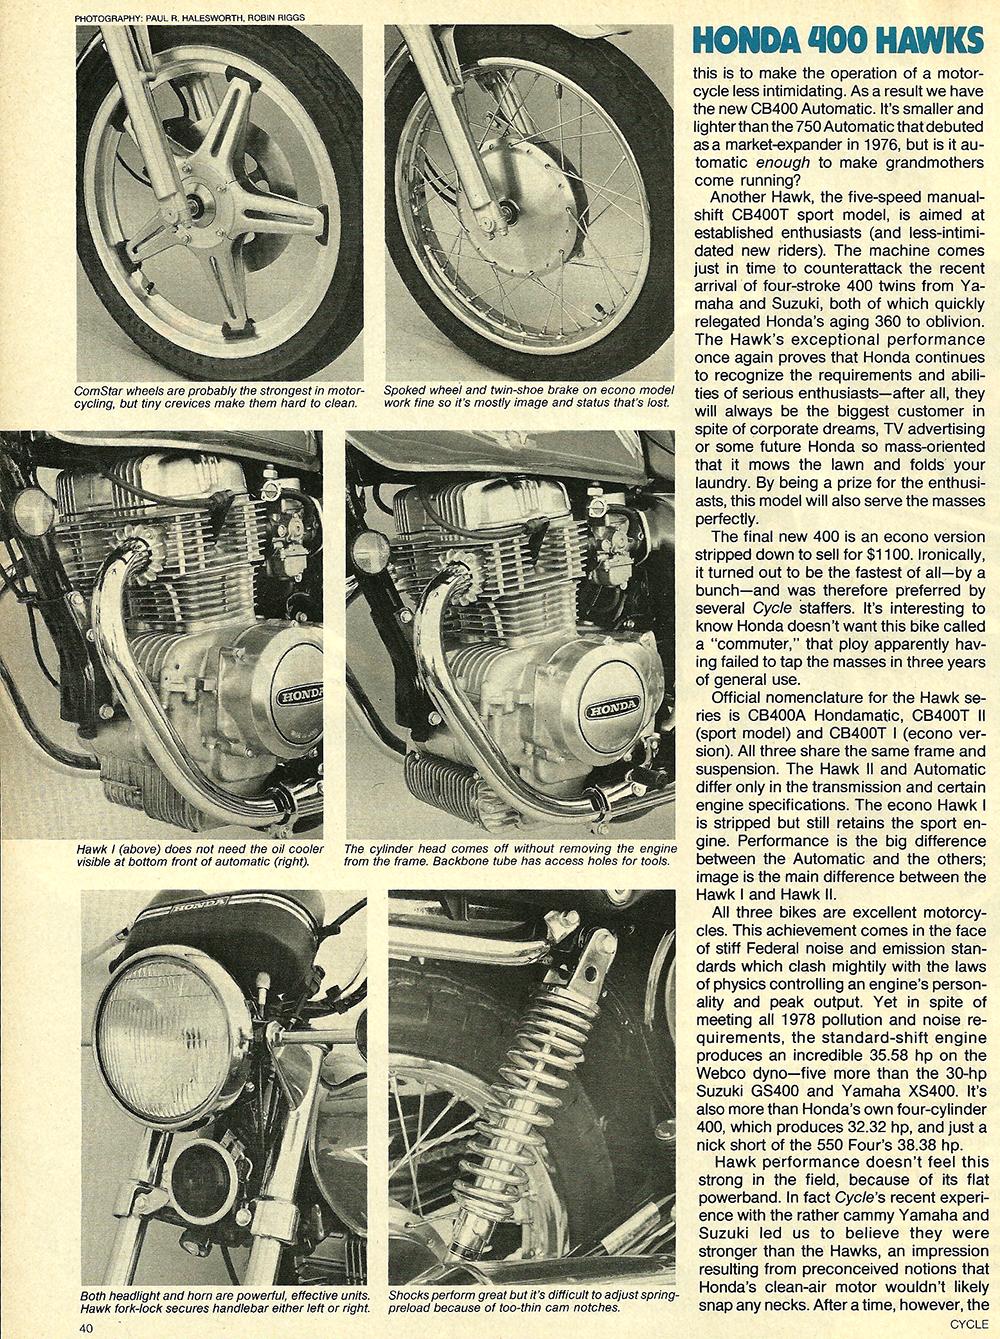 1977 Honda 400 Hawk road test 03.jpg